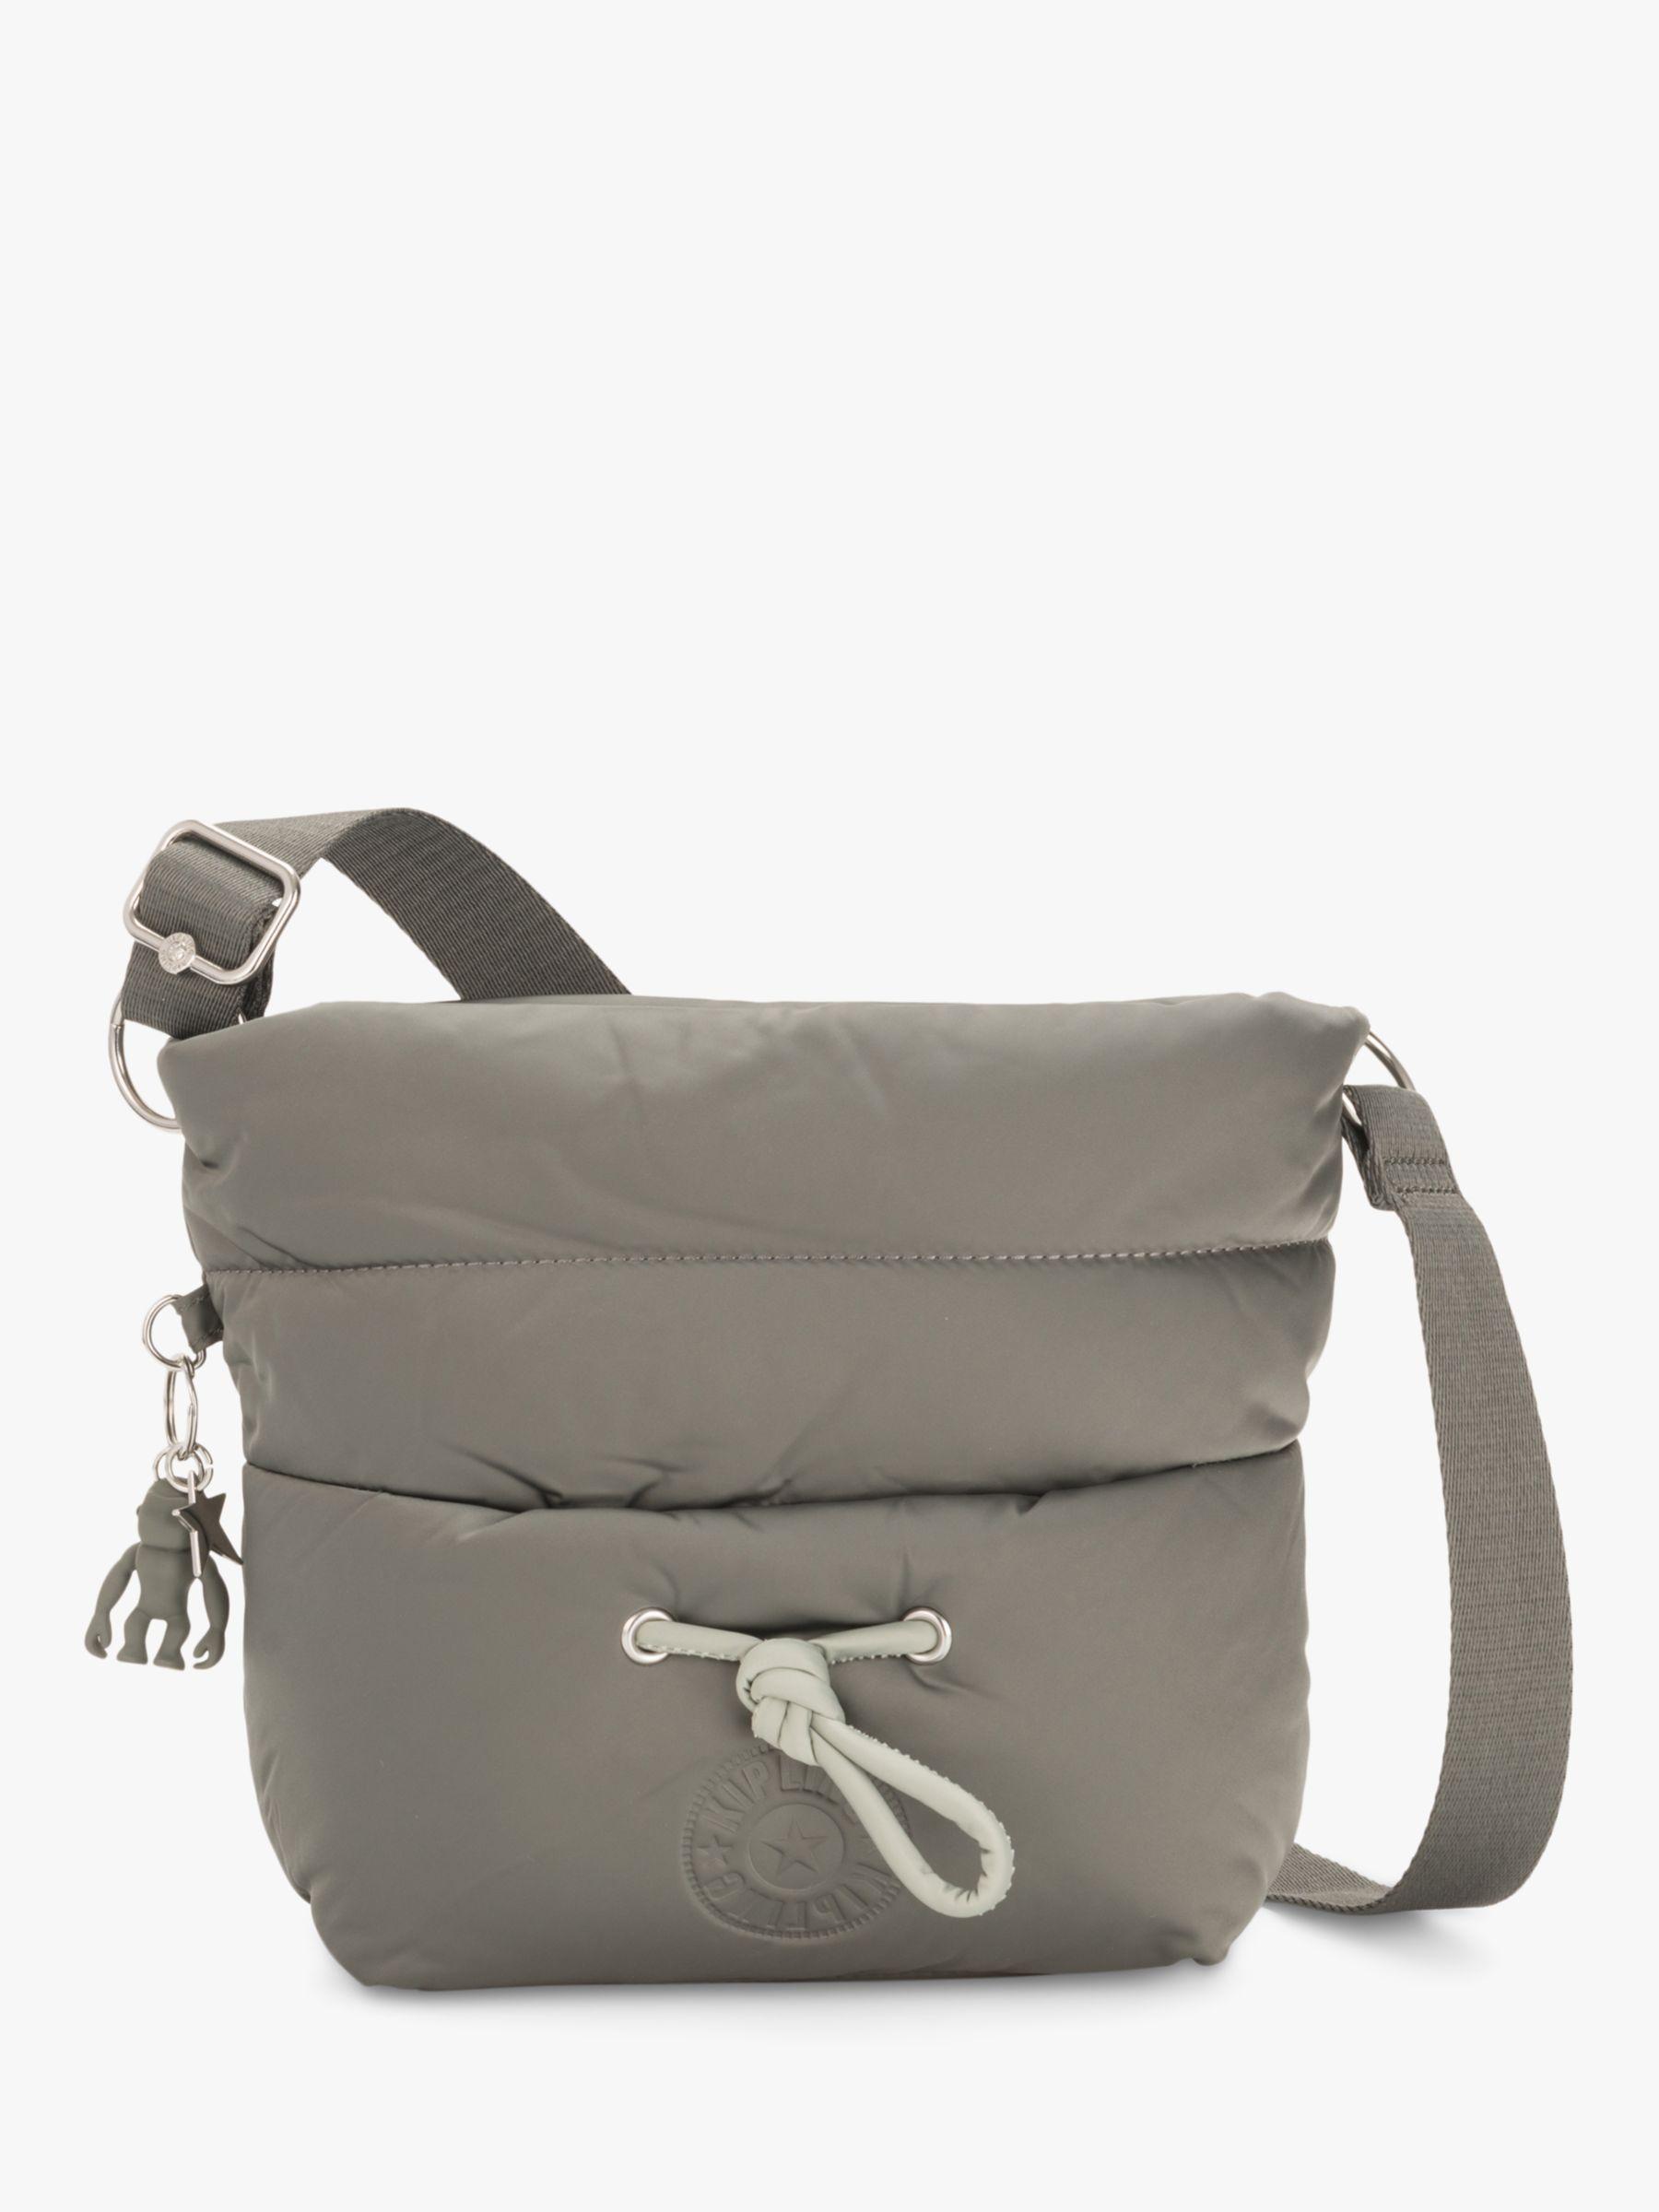 Kipling Kipling Hawi Puff Shoulder Bag, Mountain Grey